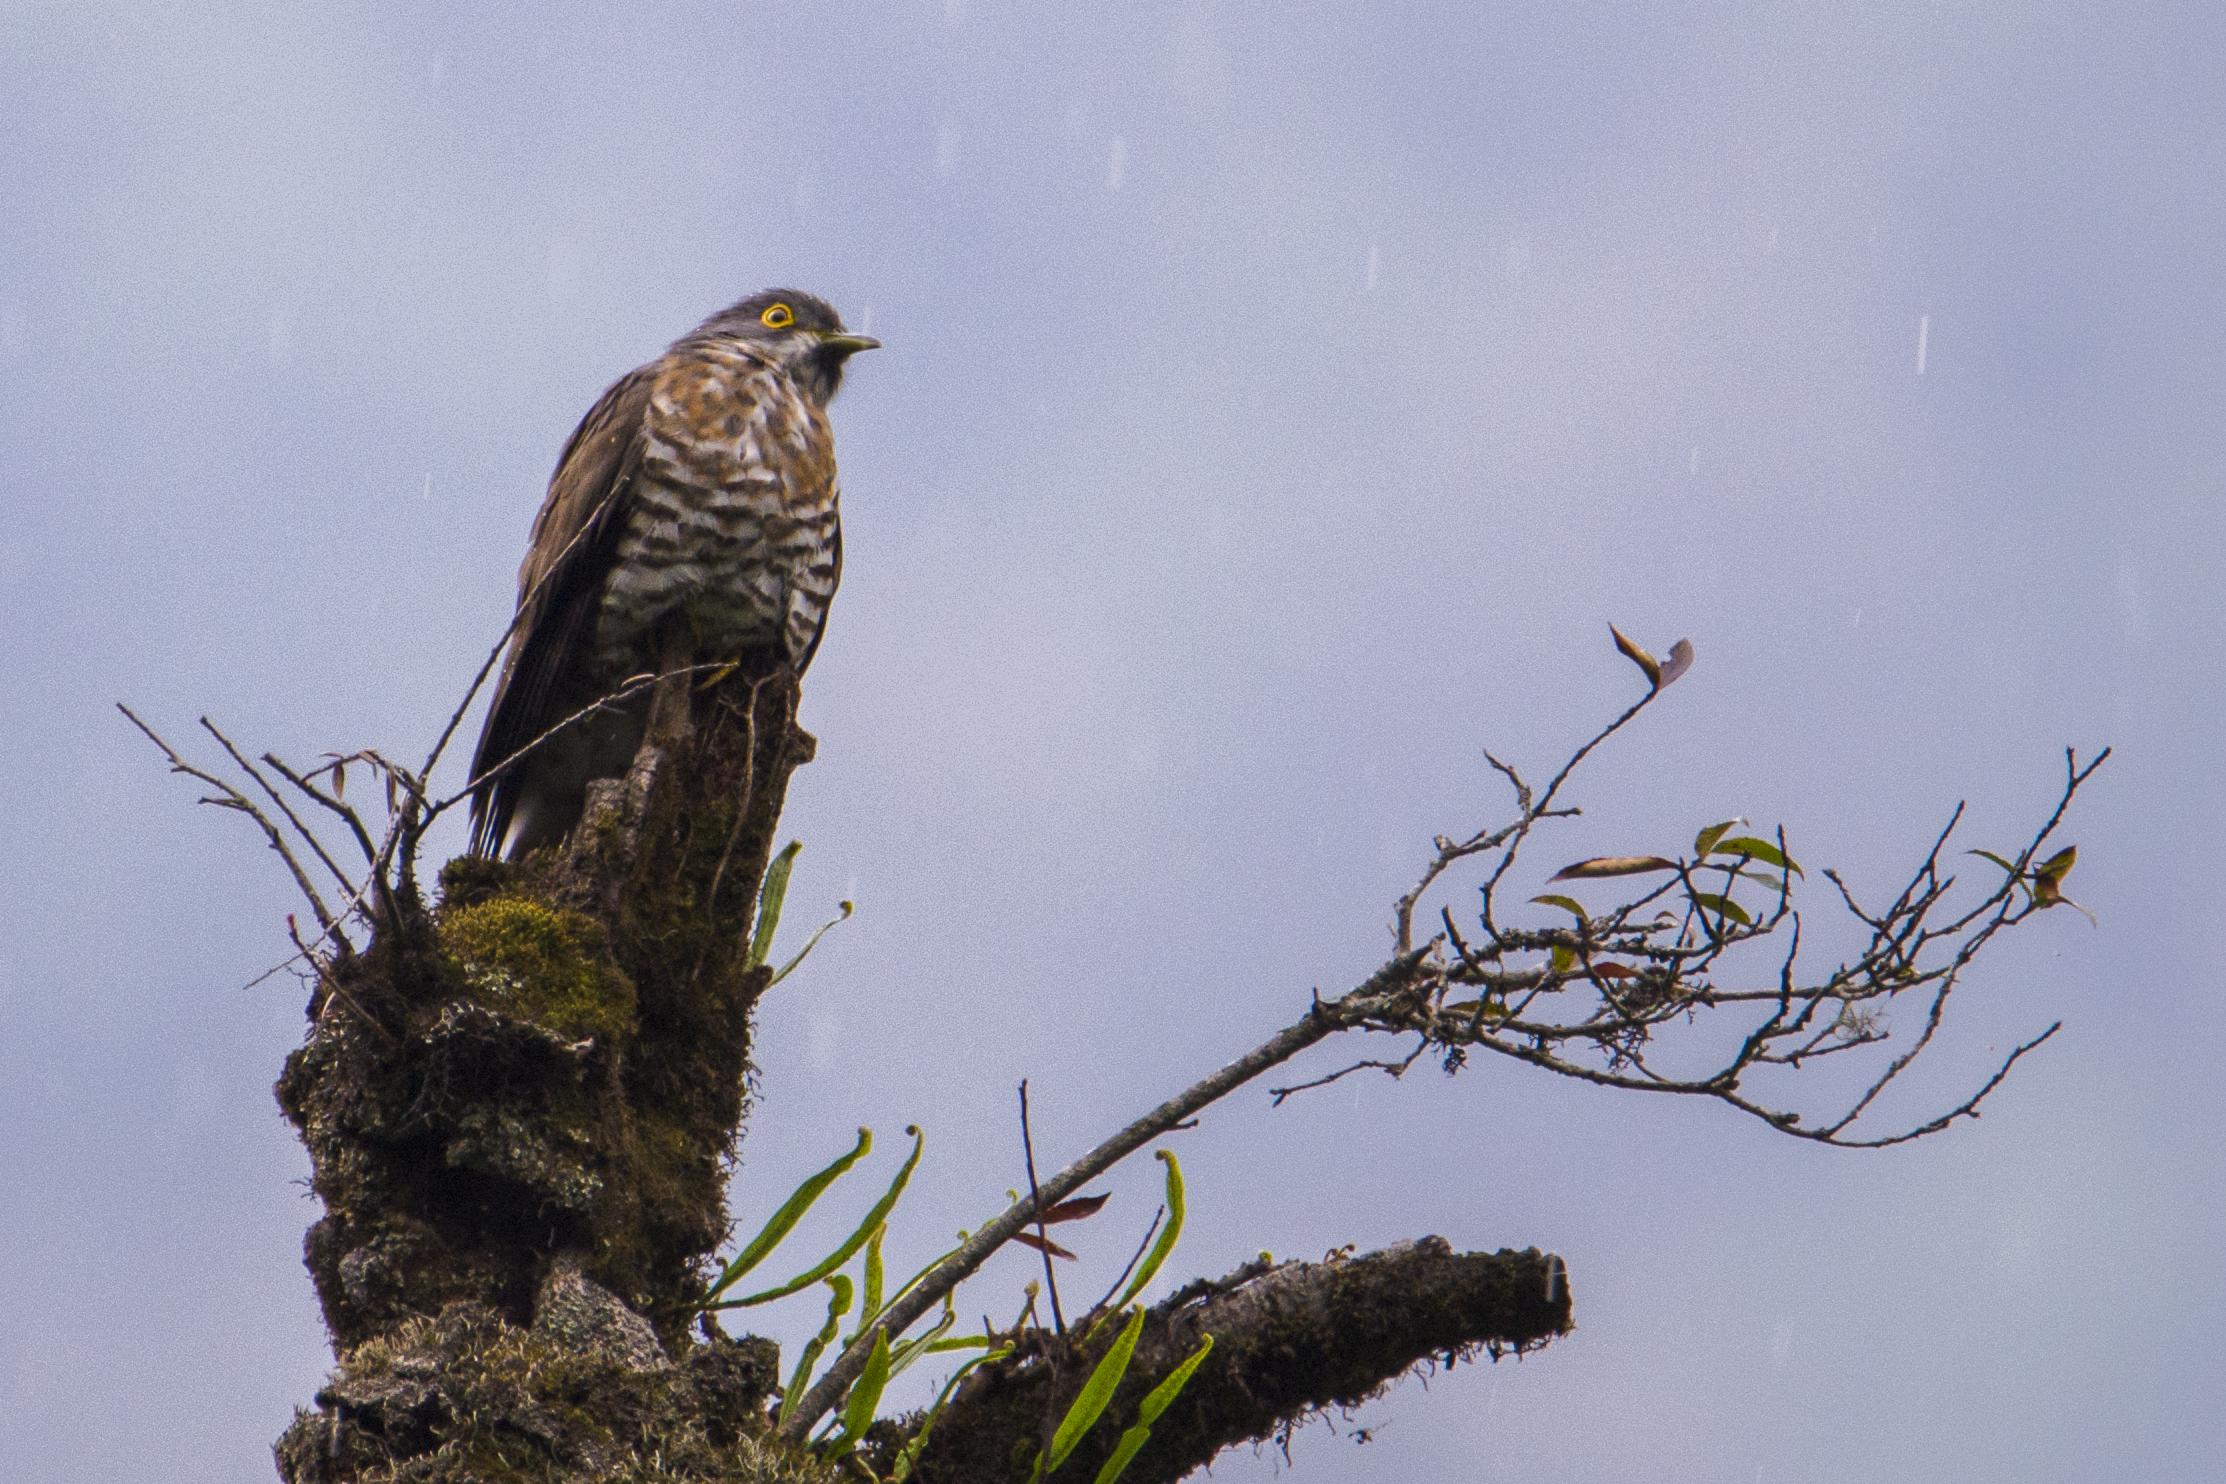 himalayan cuckoo, sikkim, sachen